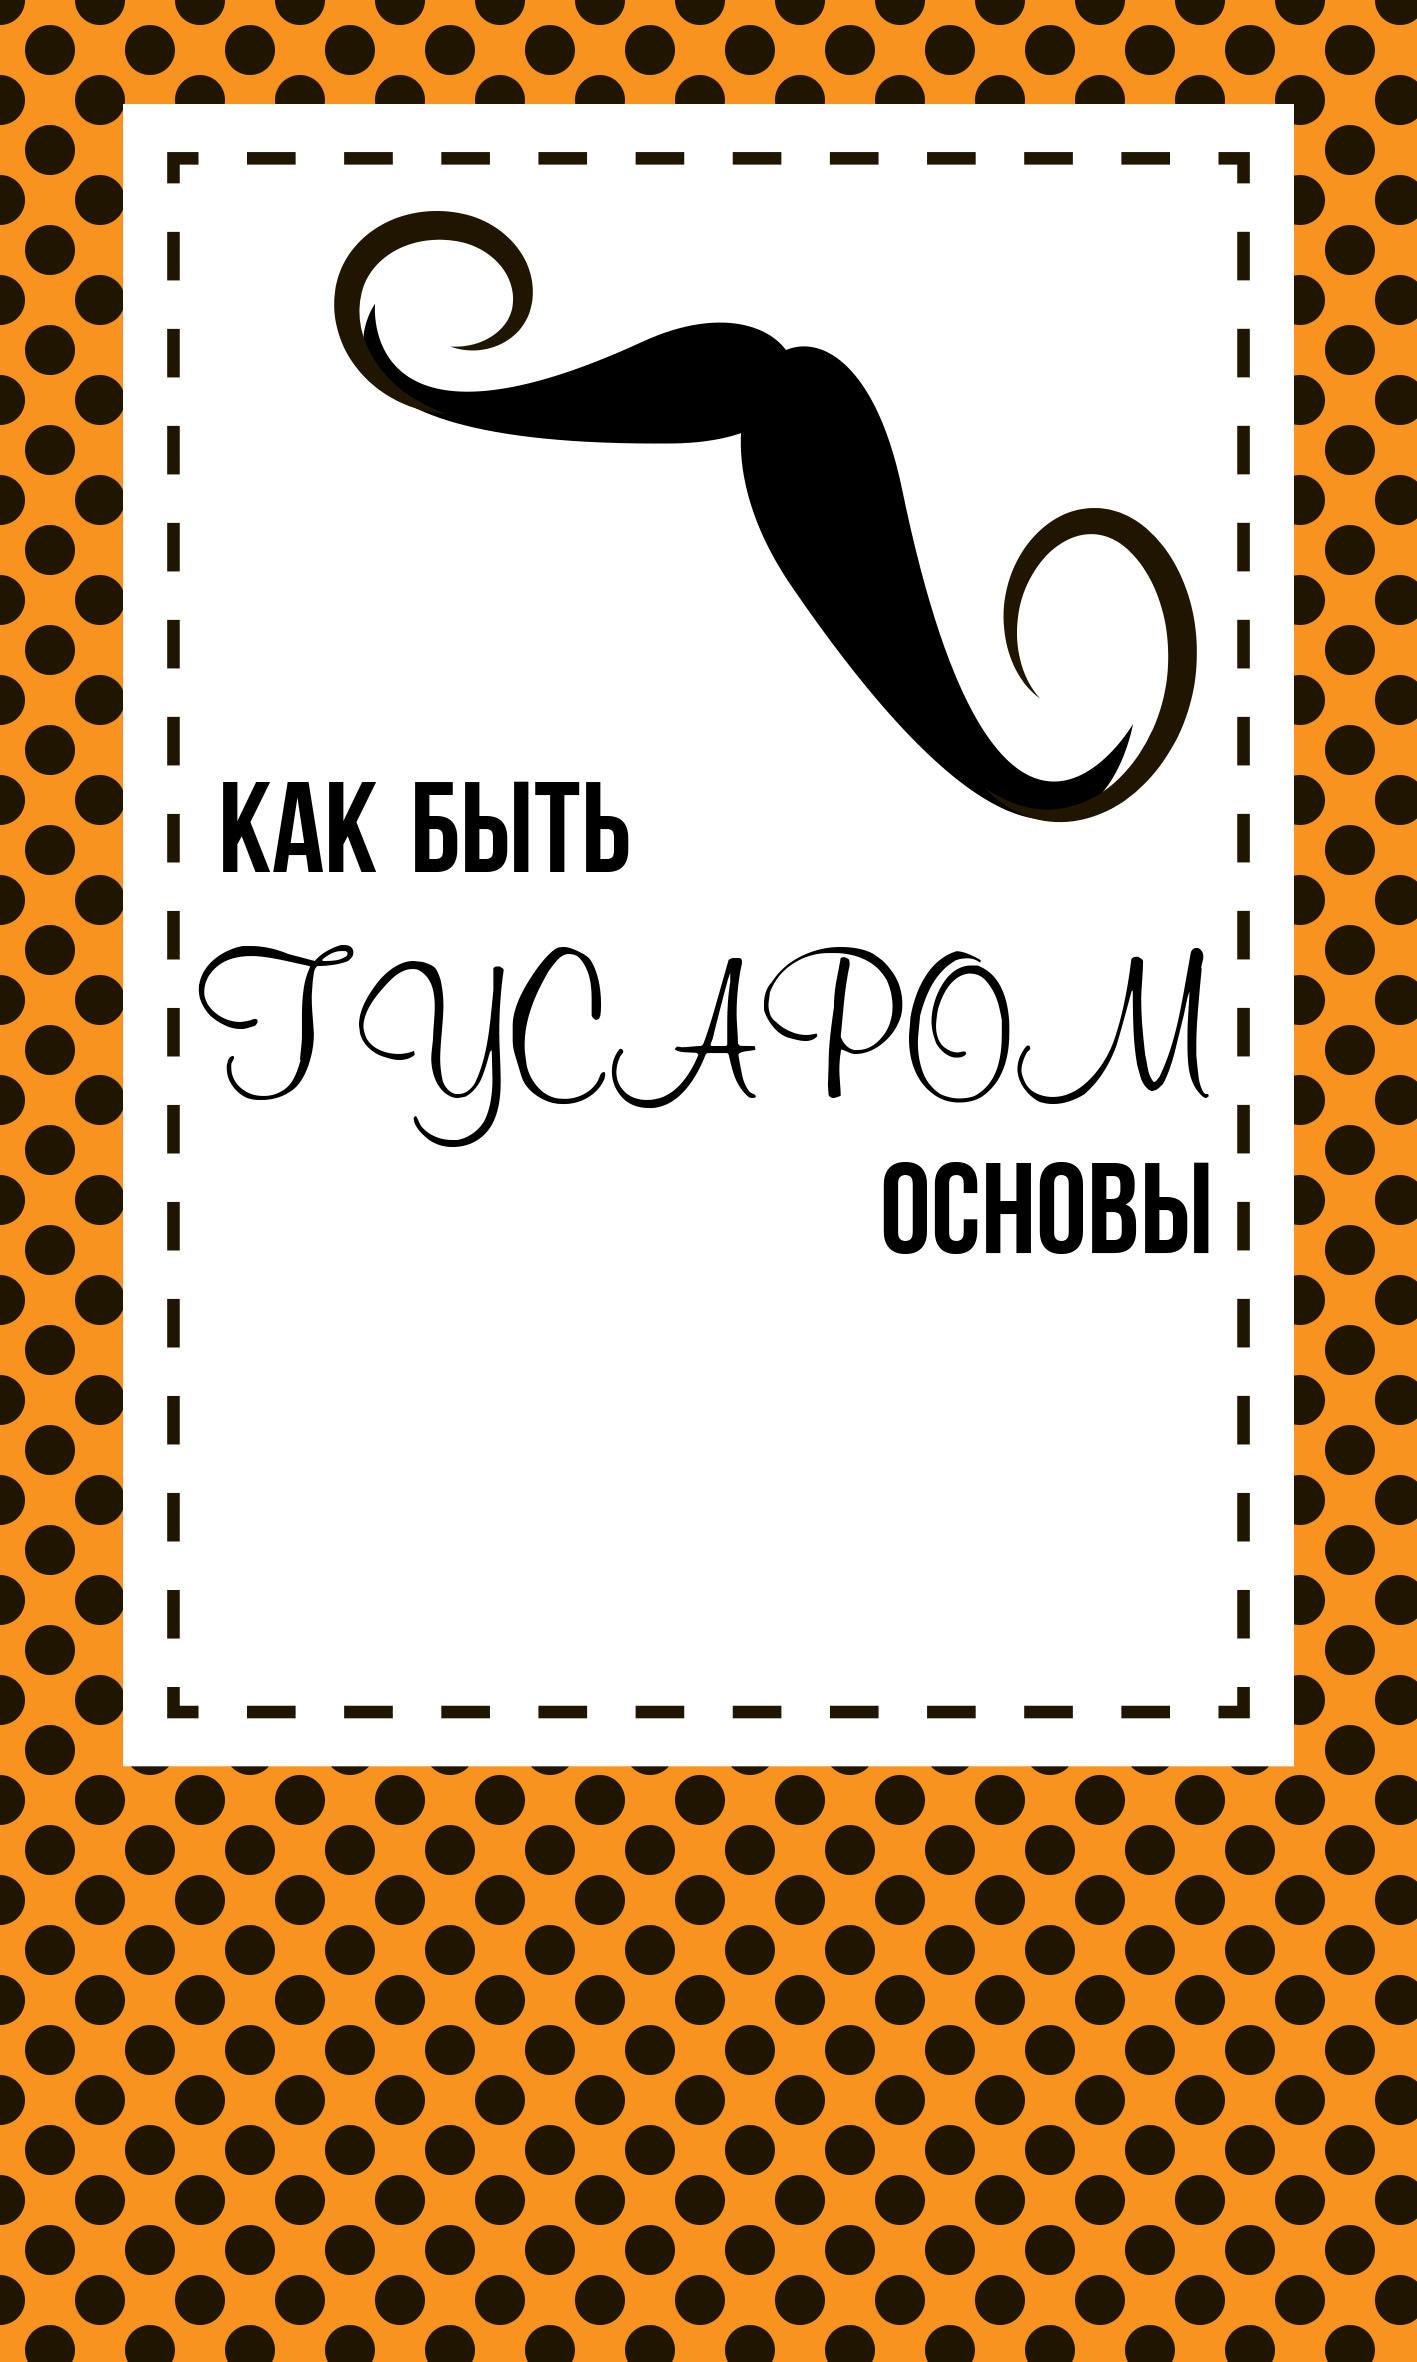 Обложка книги  фото f_0075fb4d98761c2e.jpg